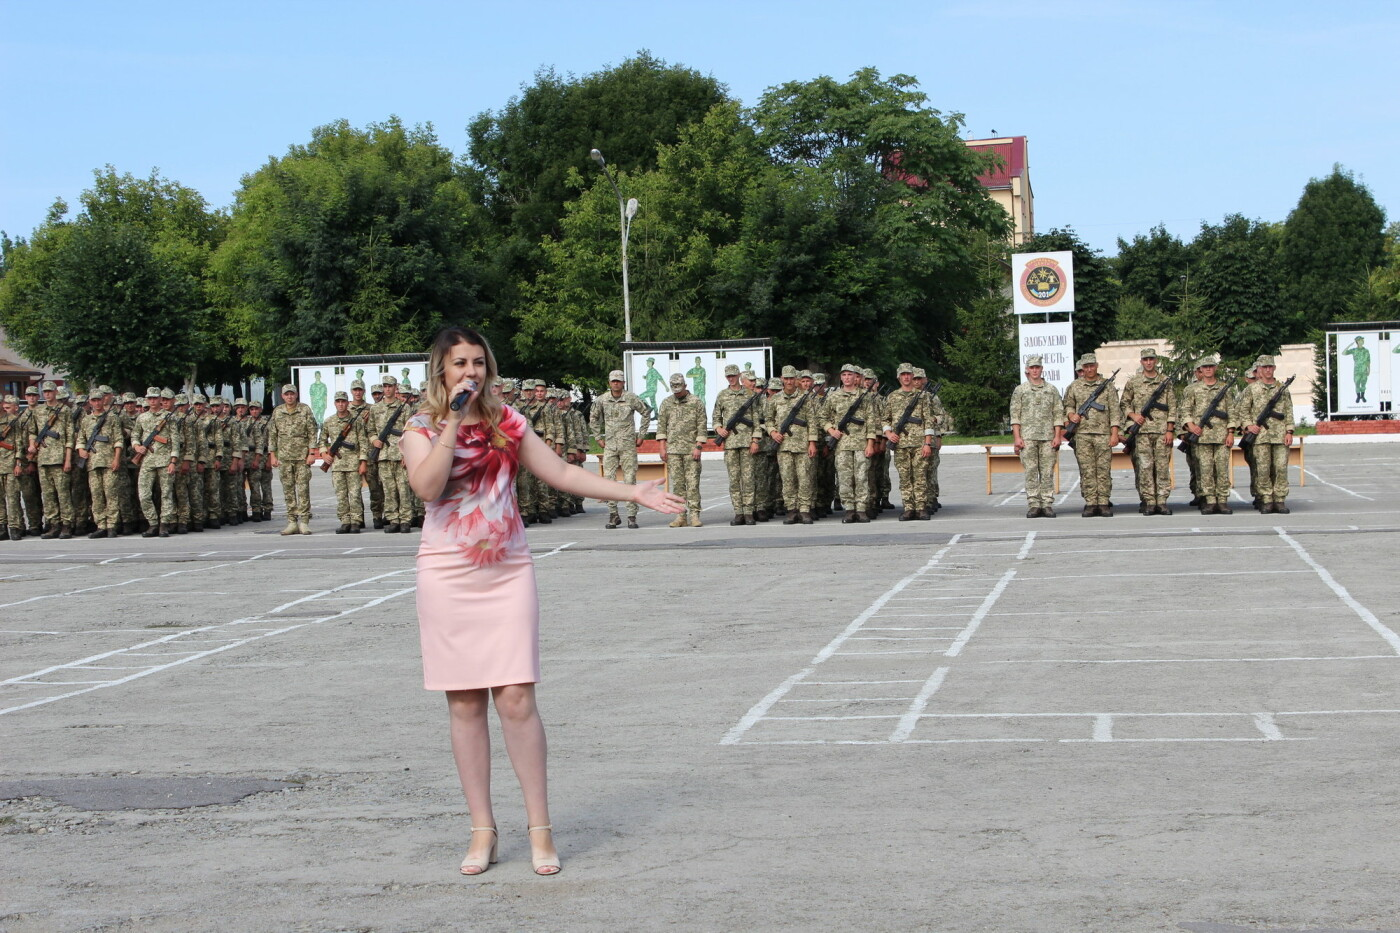 У Кам'янці 240 військовослужбовців склали присягу, фото-13, Фото: Olha Povorozniuk